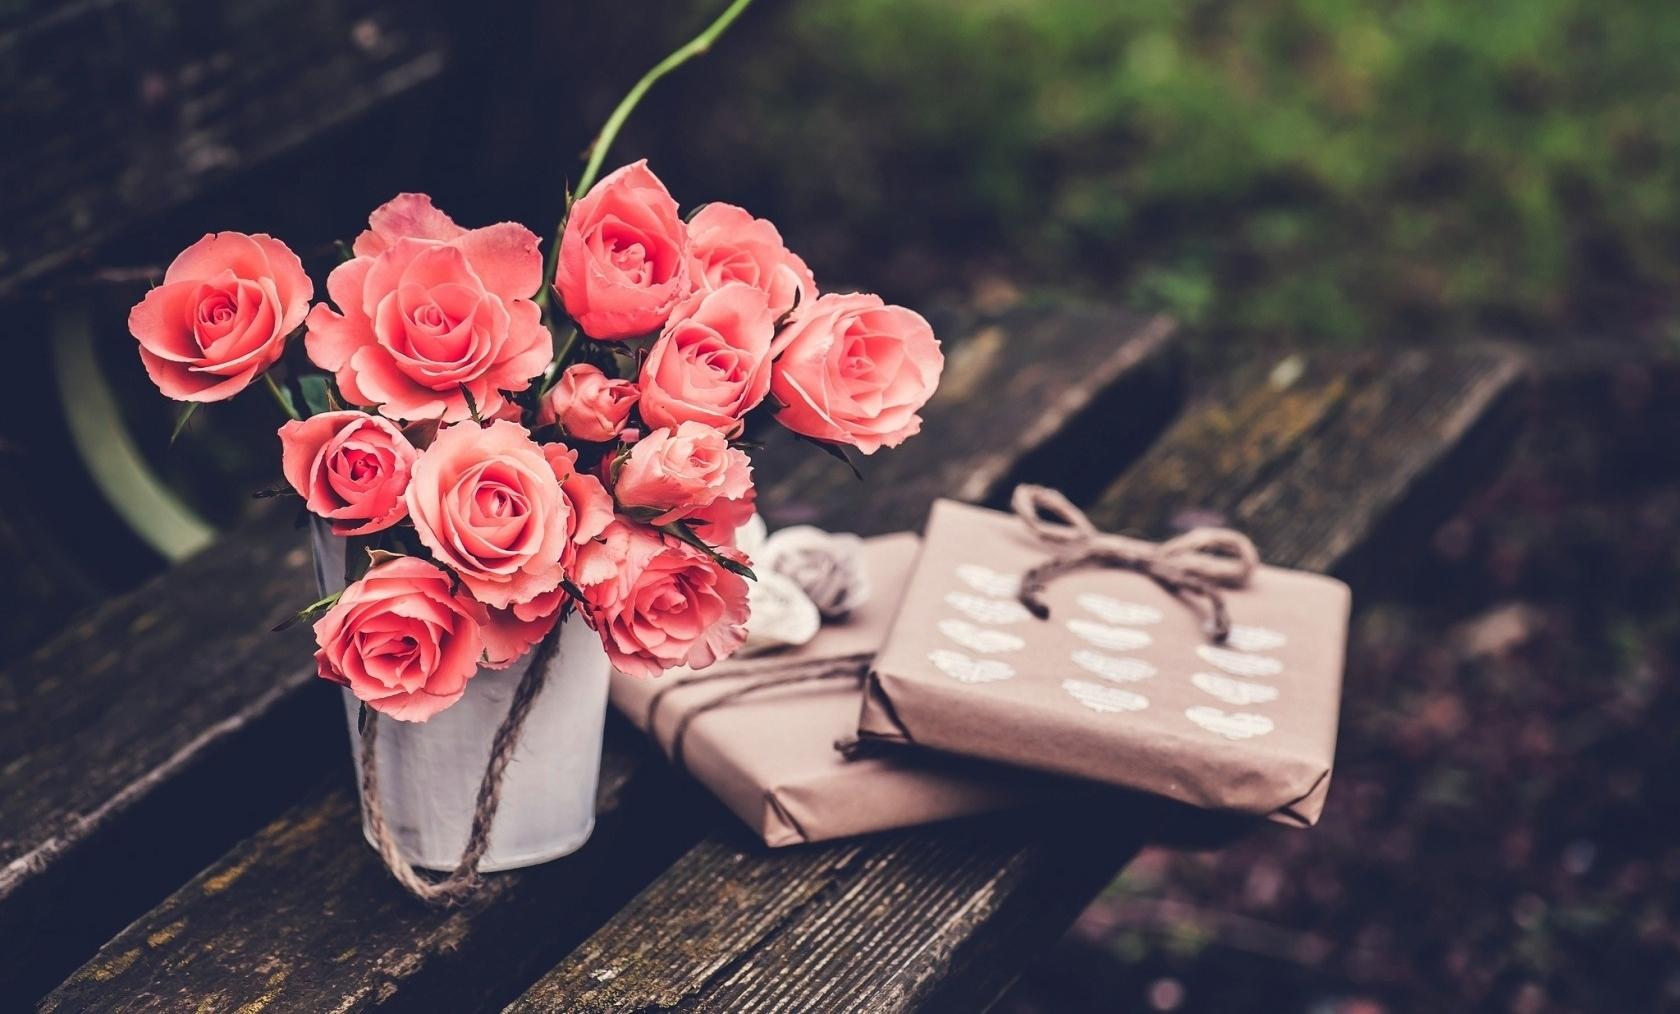 Obraz do bytu zátiší s růžemi